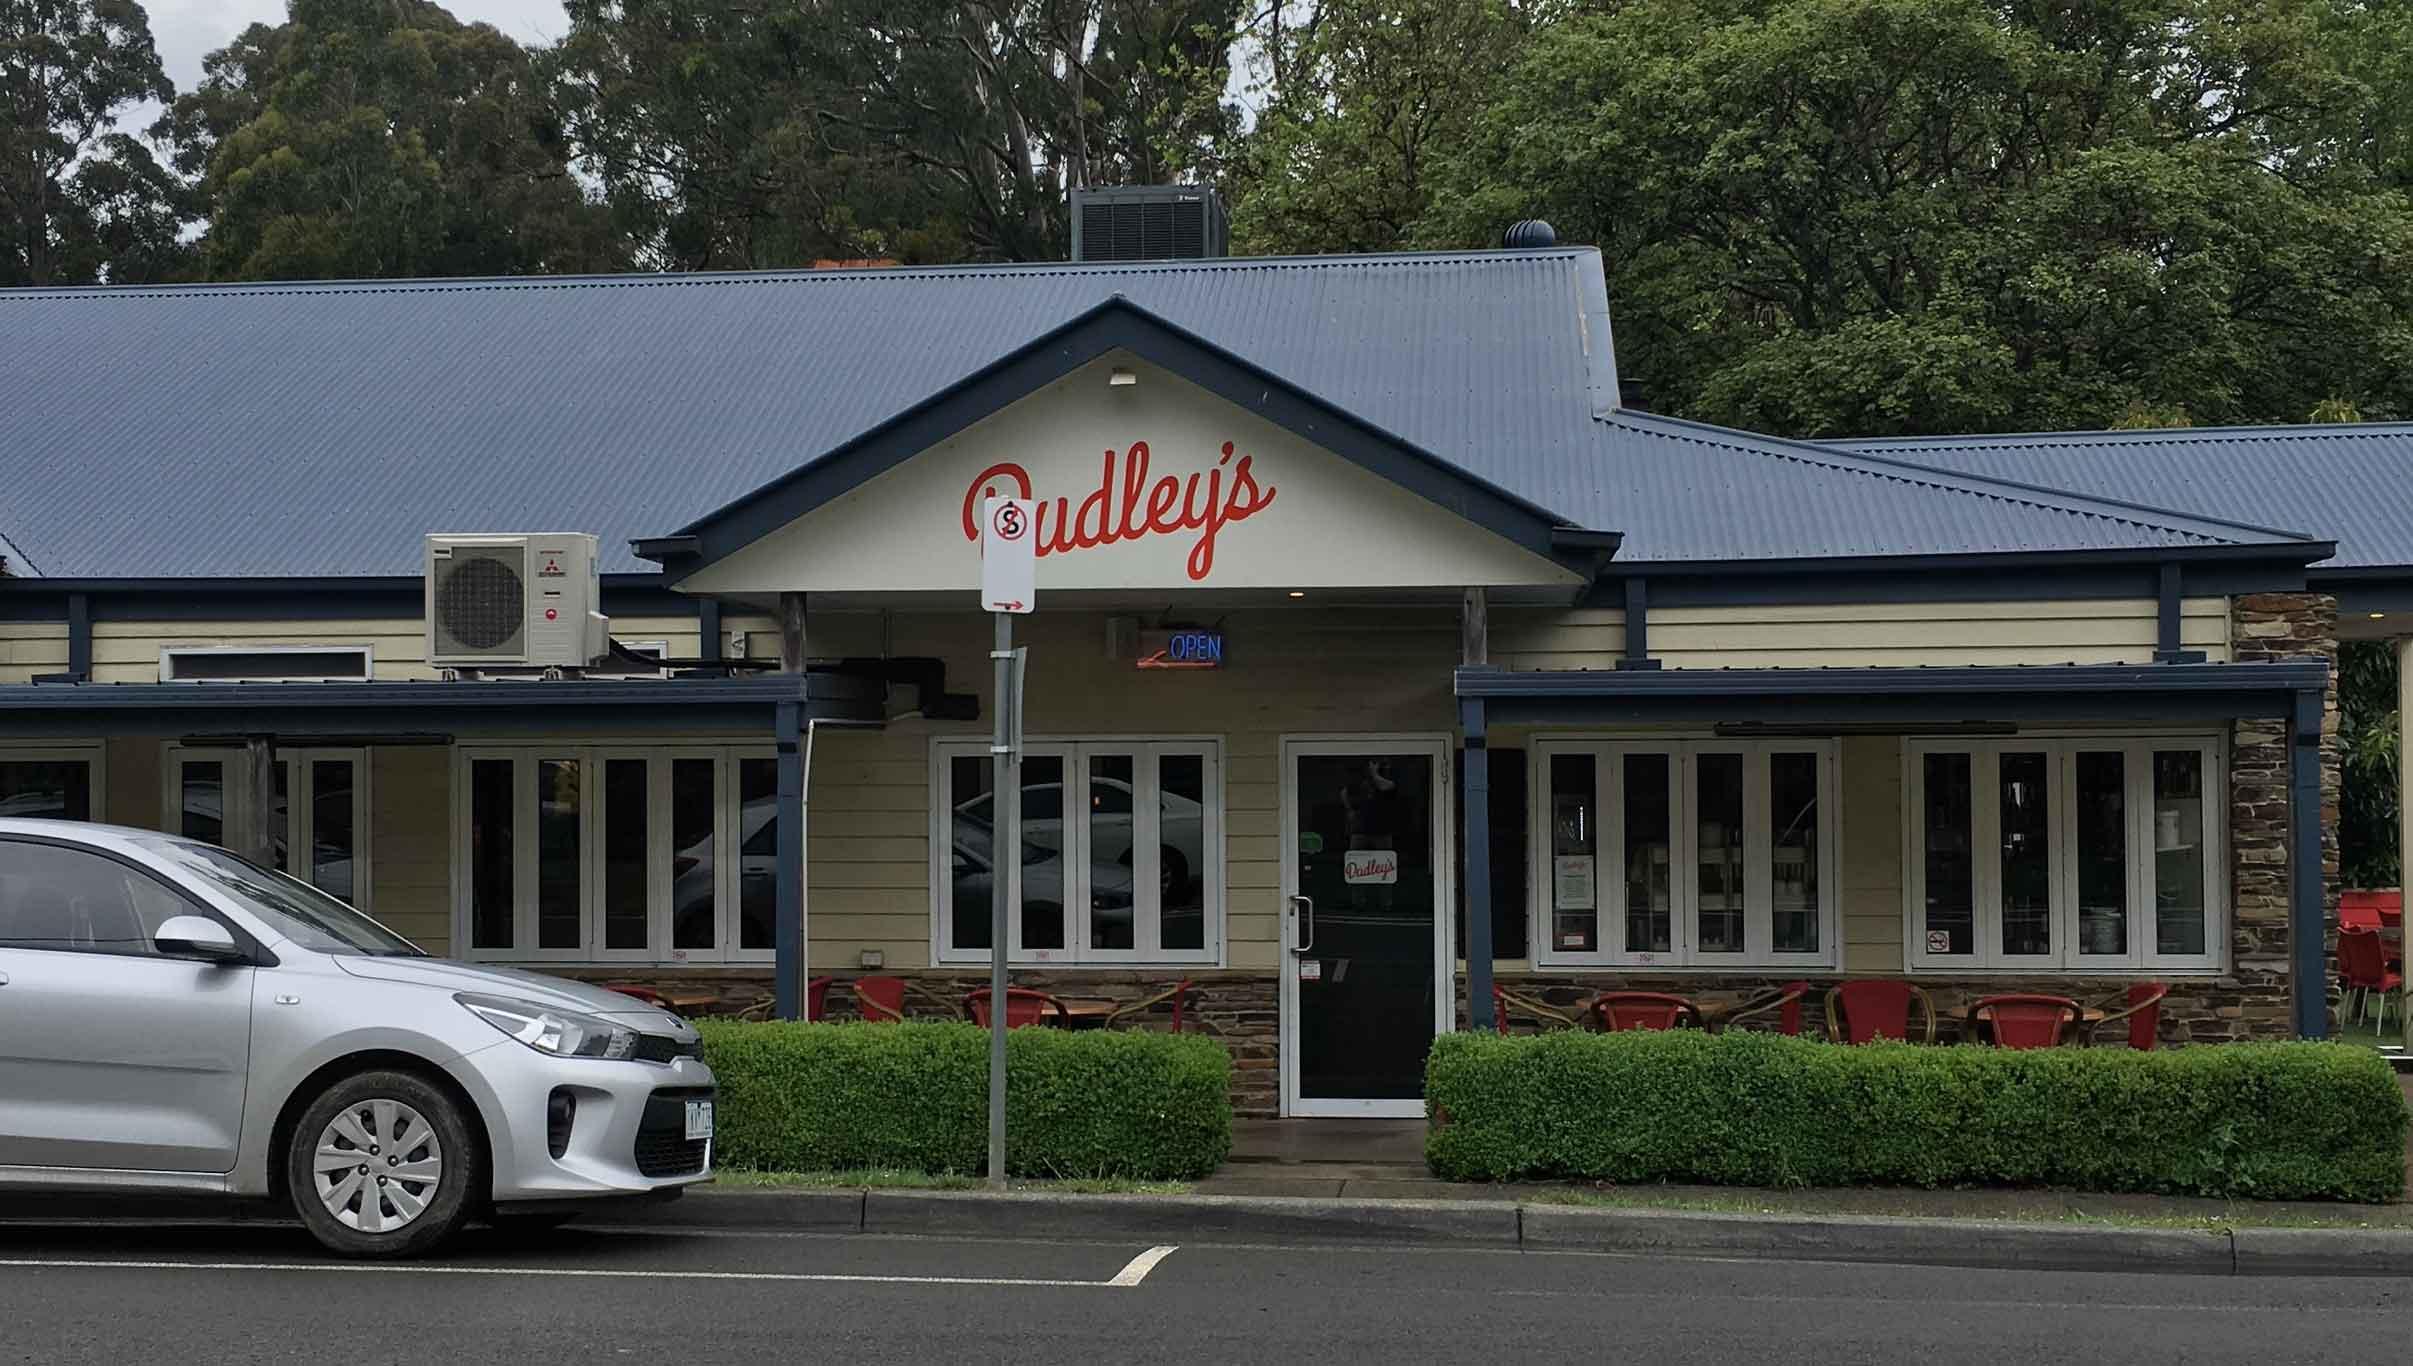 Dudley's Olinda, Victoria Australia